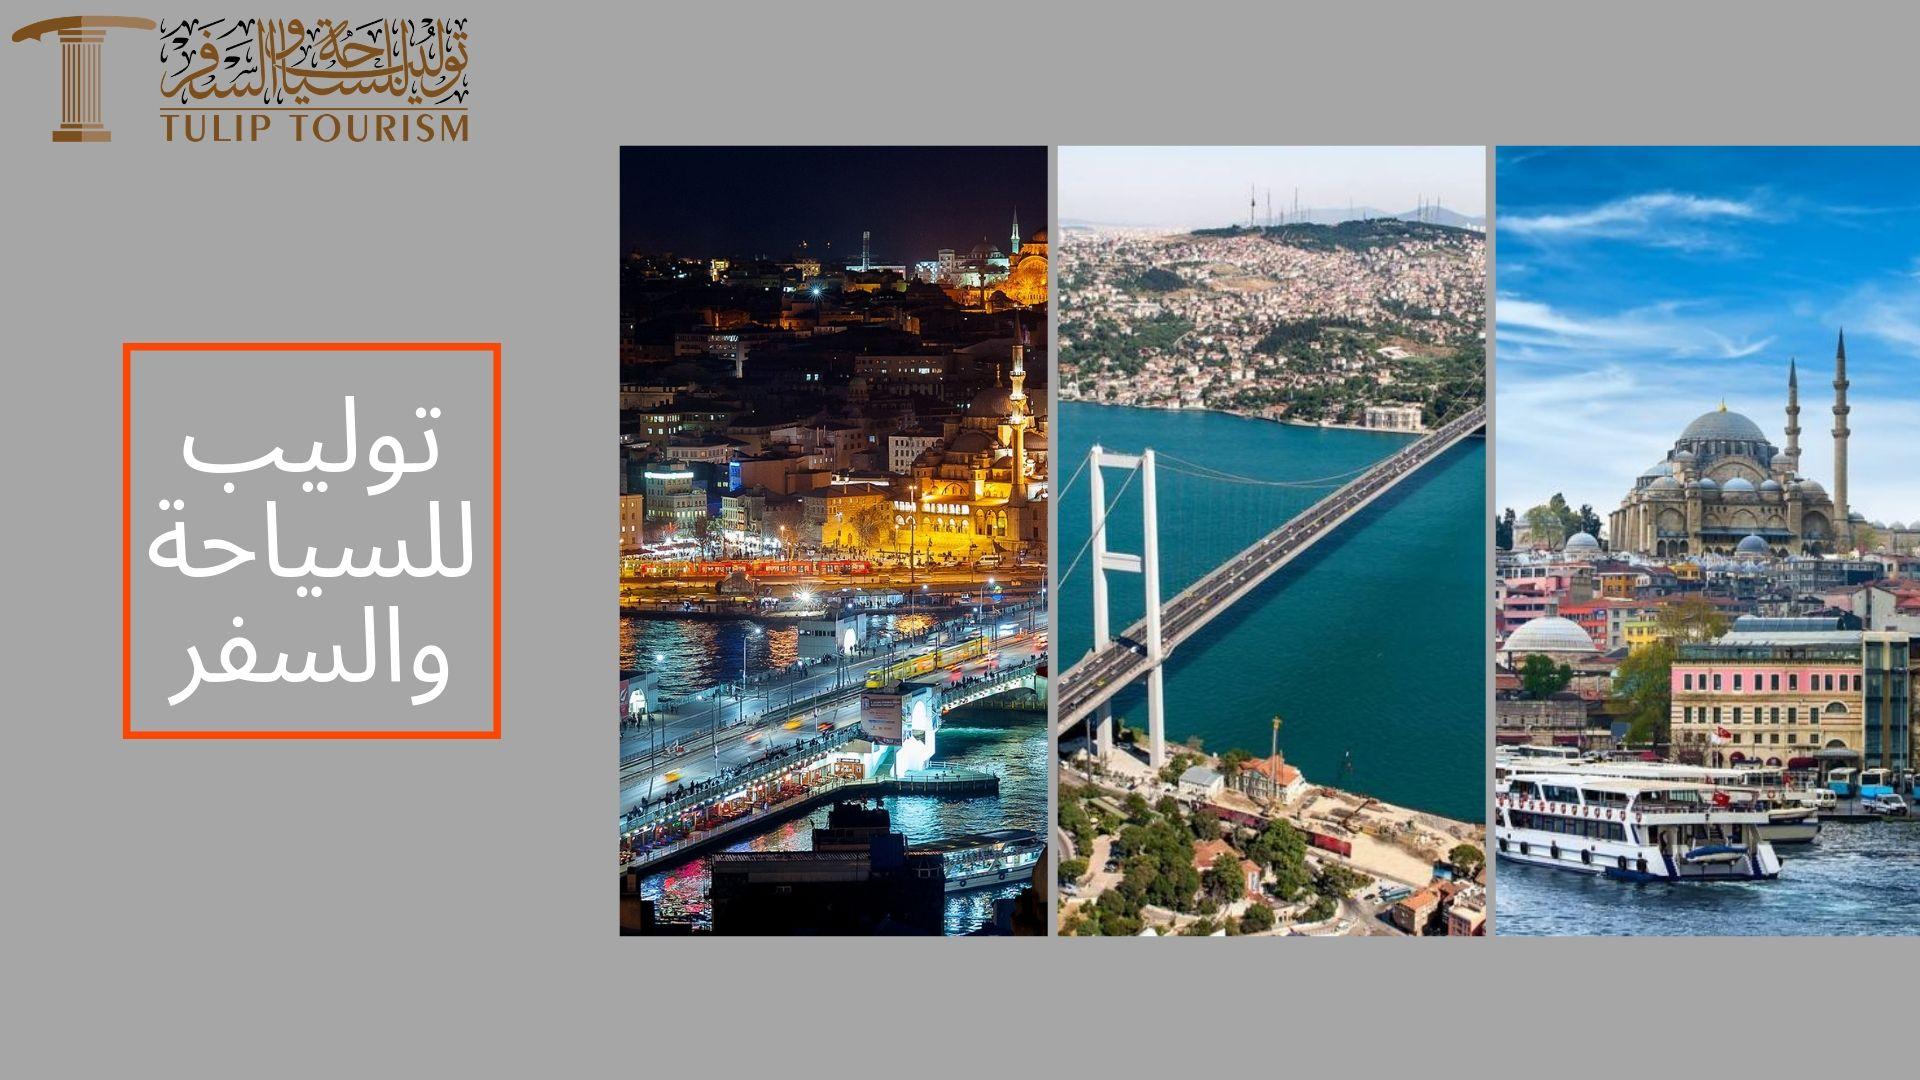 الجدول السياحي في اسطنبول